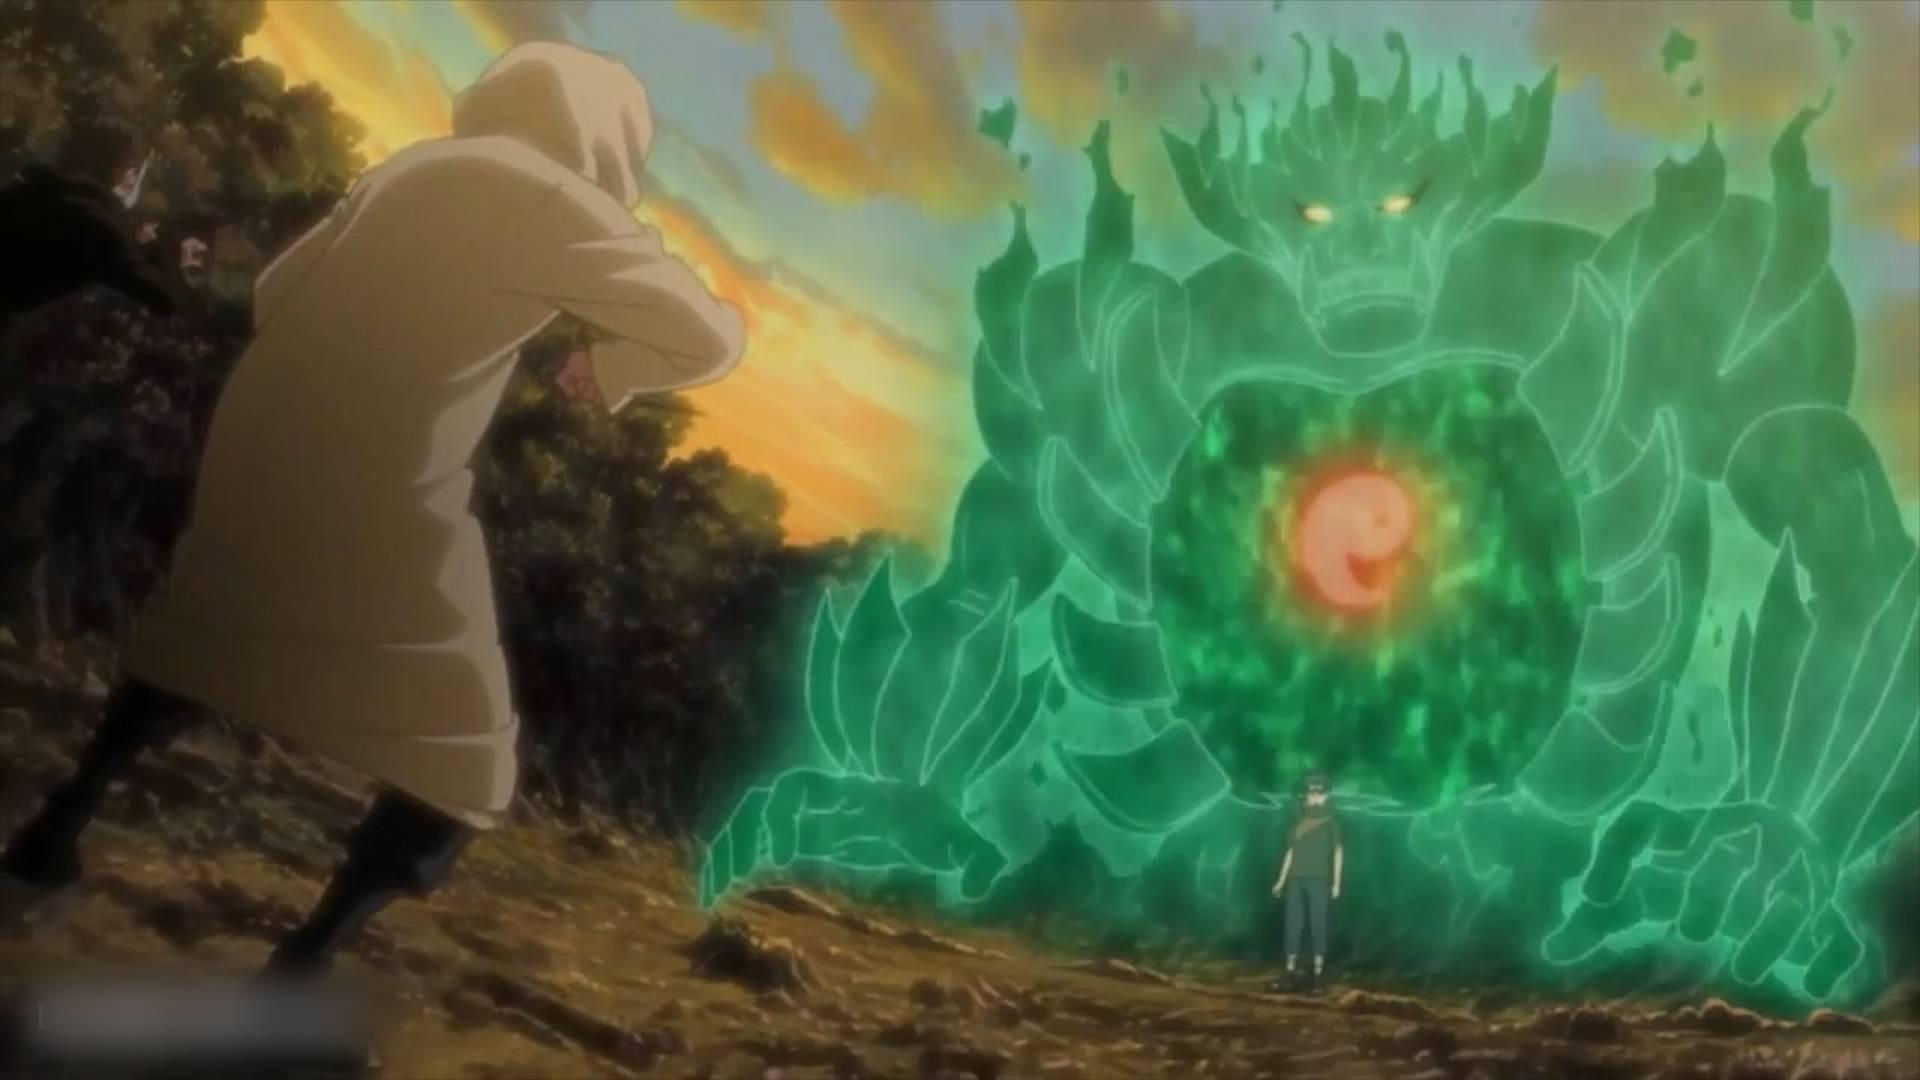 火影忍者:拥有超影级的5位忍者,却憋屈到连上忍实力都没发挥出